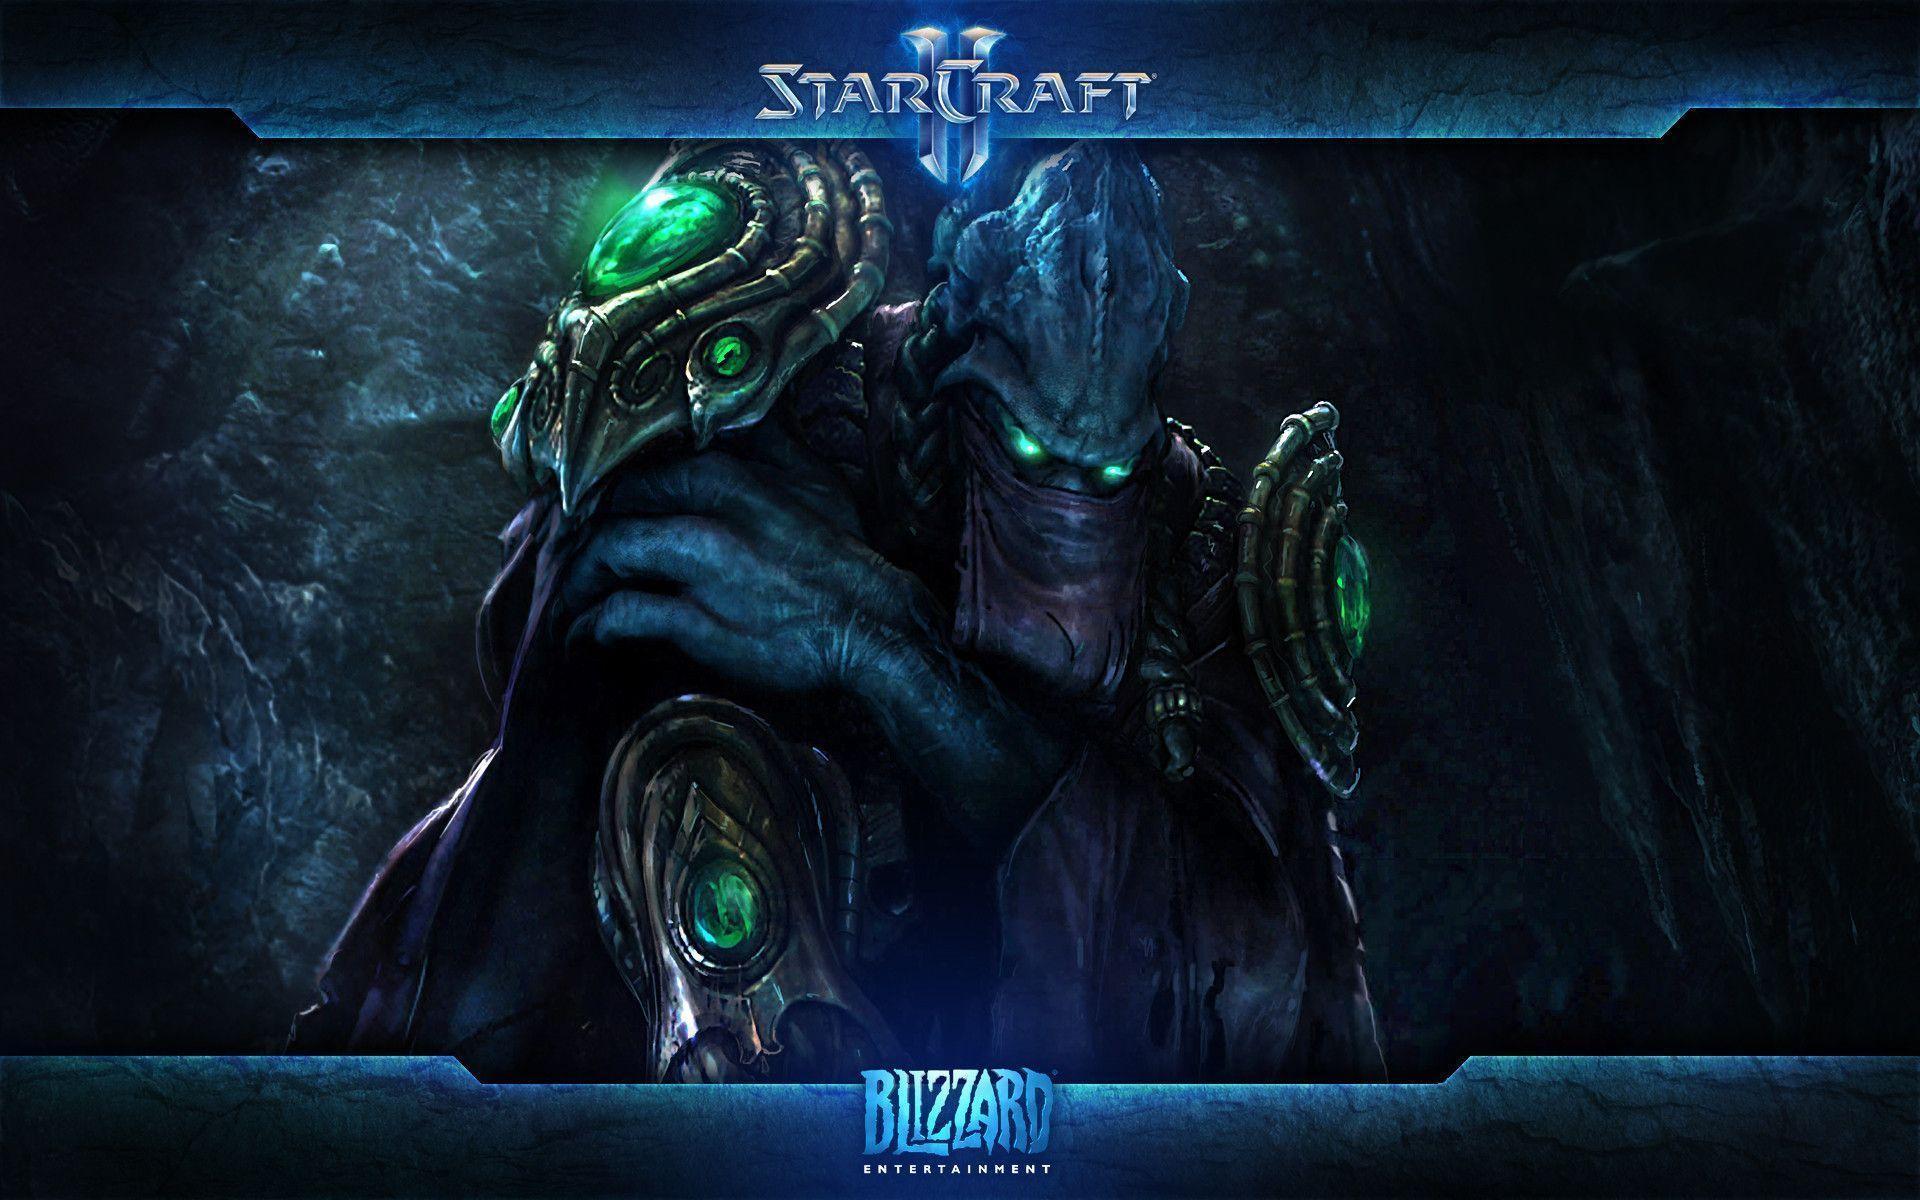 Starcraft Wallpaper x